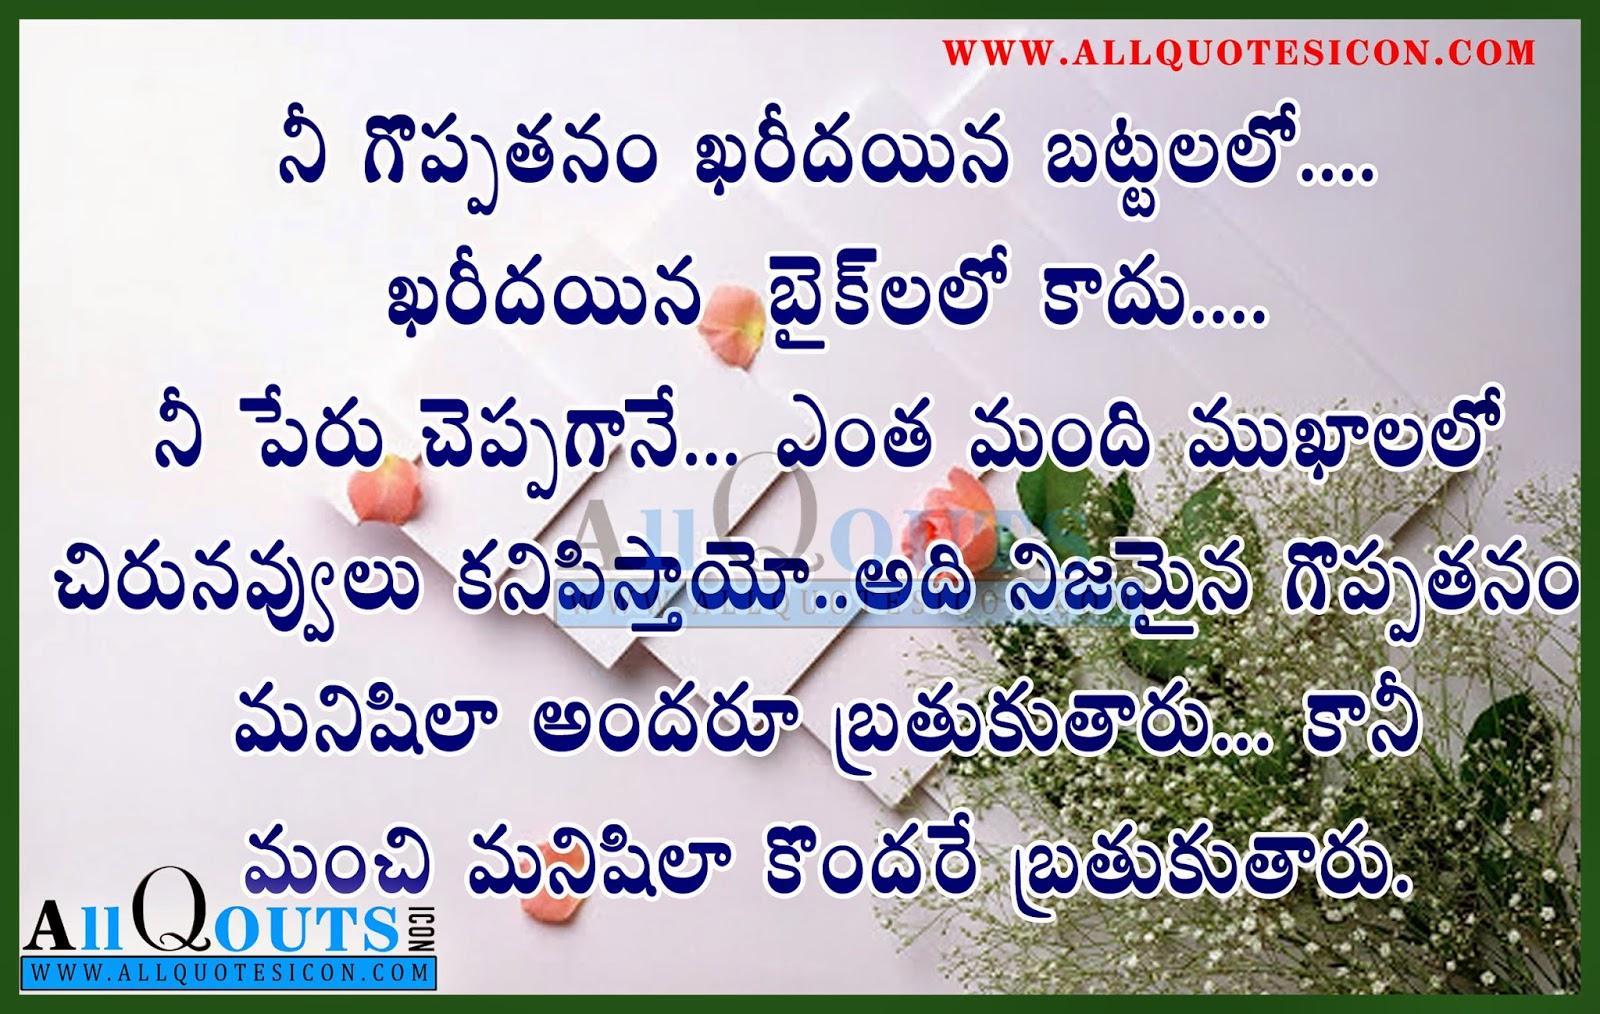 Kannada Love Quotes English